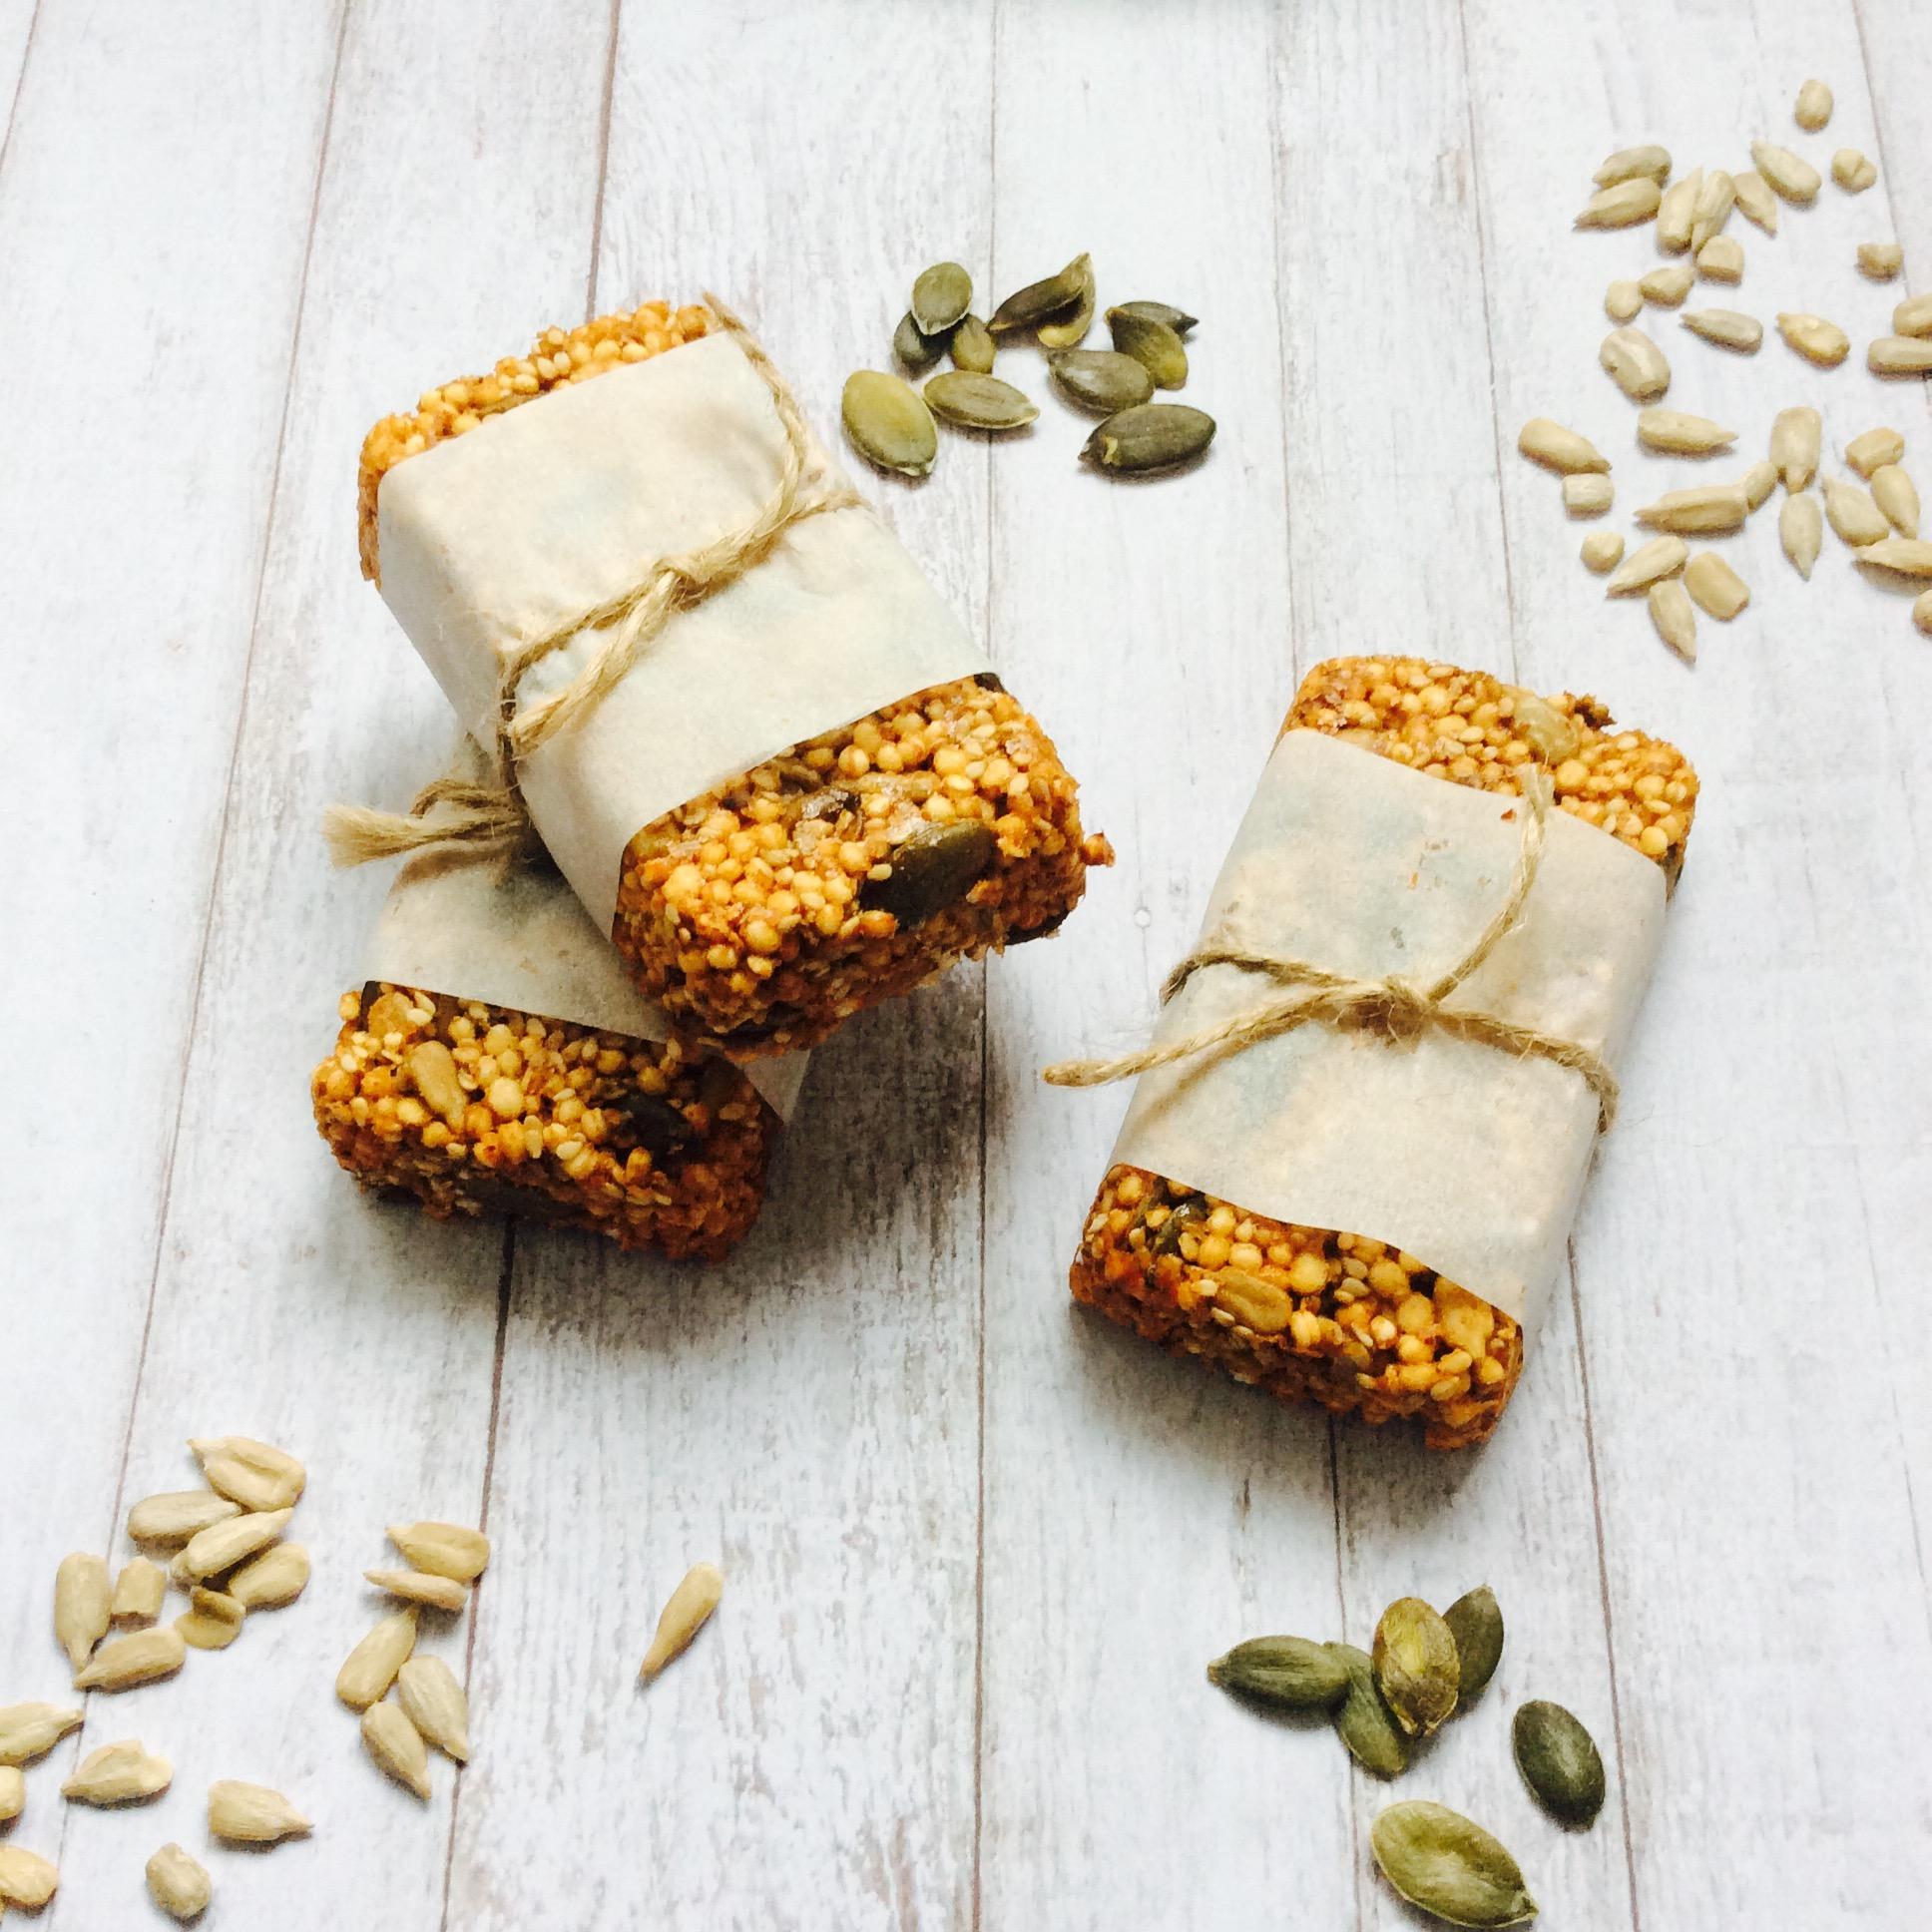 receta-barritas-quinoa-y-semillas-ido-2